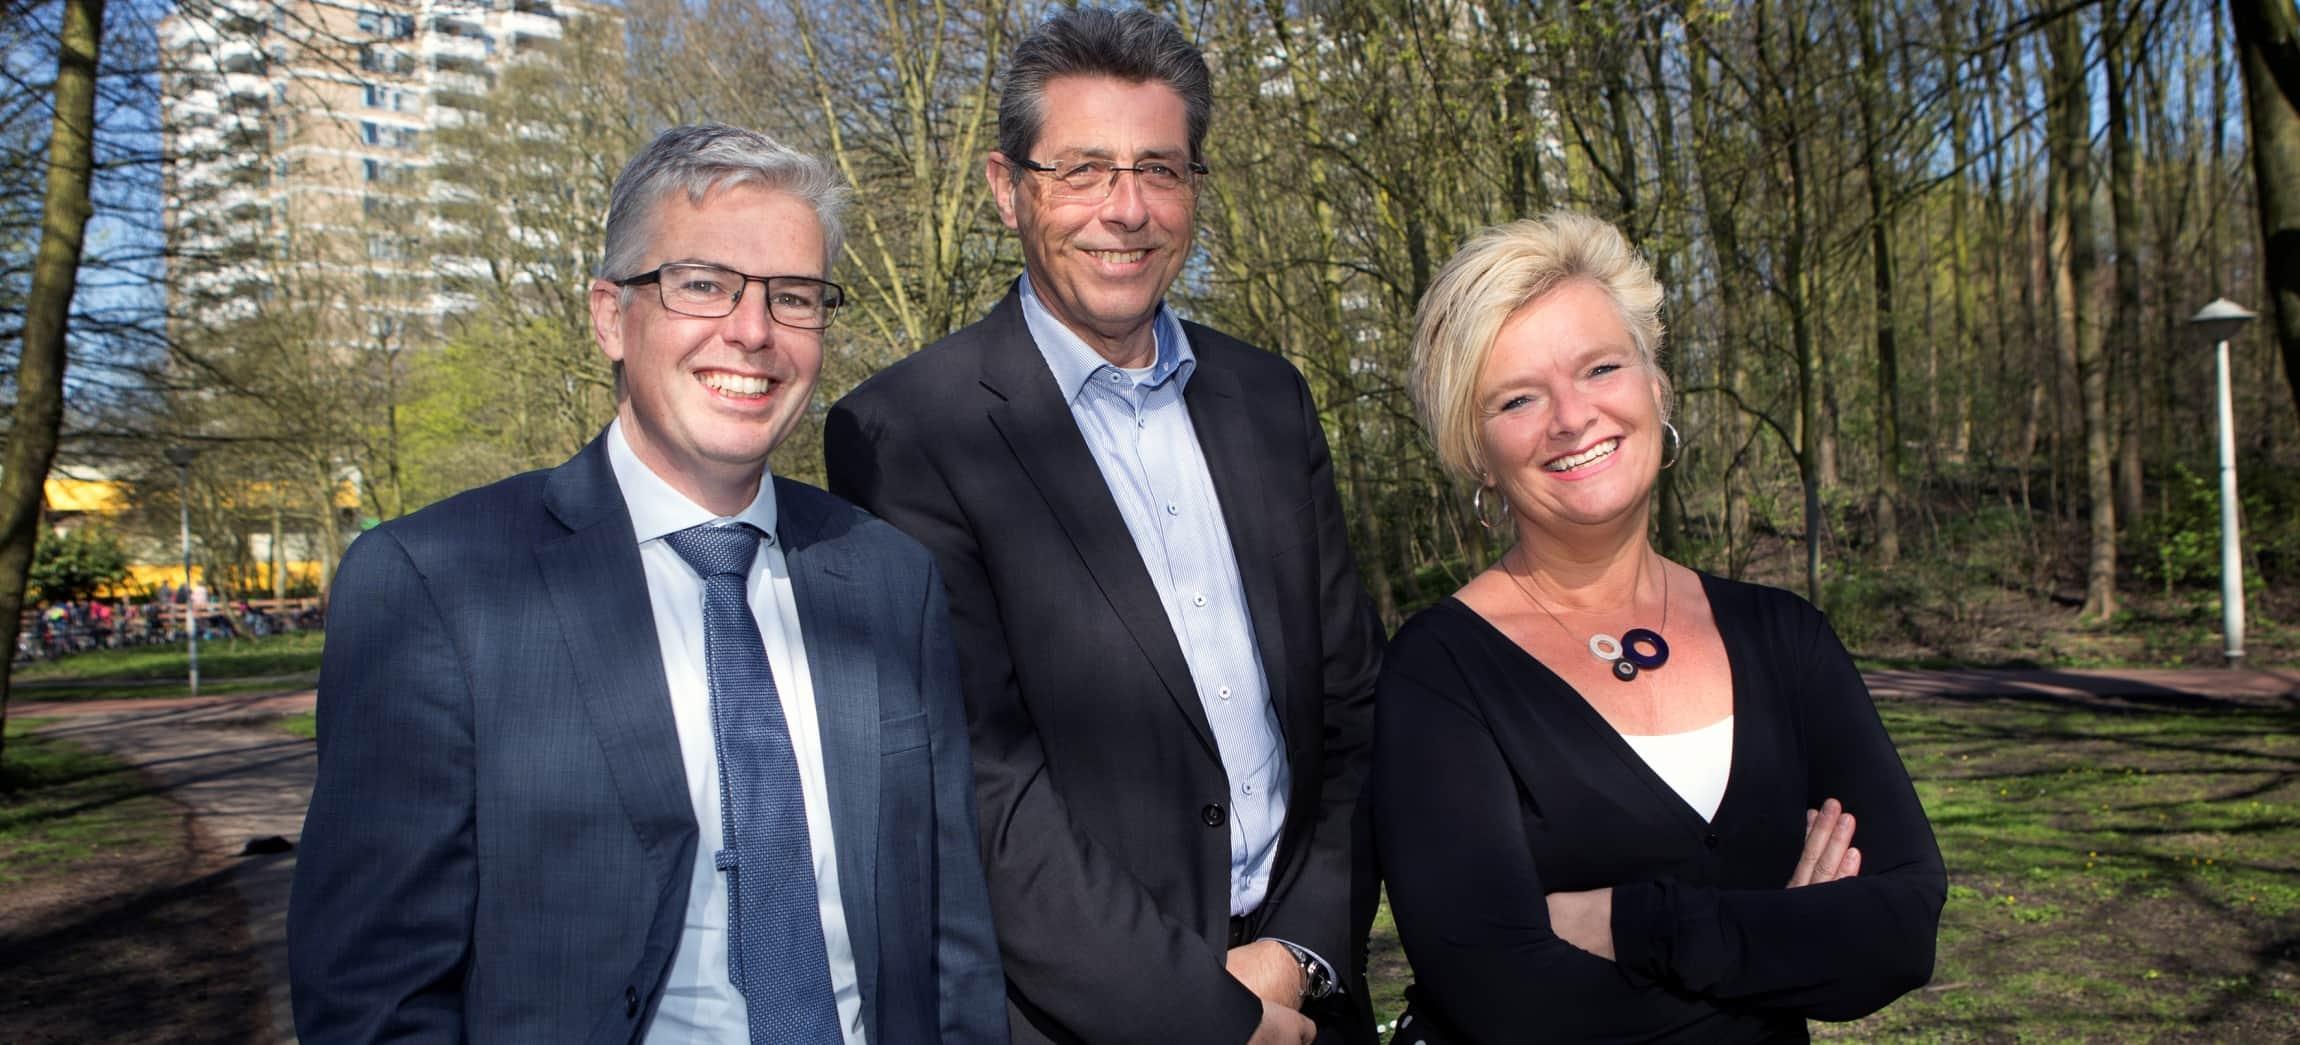 Raad van Bestuur Amstelring: Ivo van der Klei, Eric Hisgen en Inge Borghuis (vlnr)